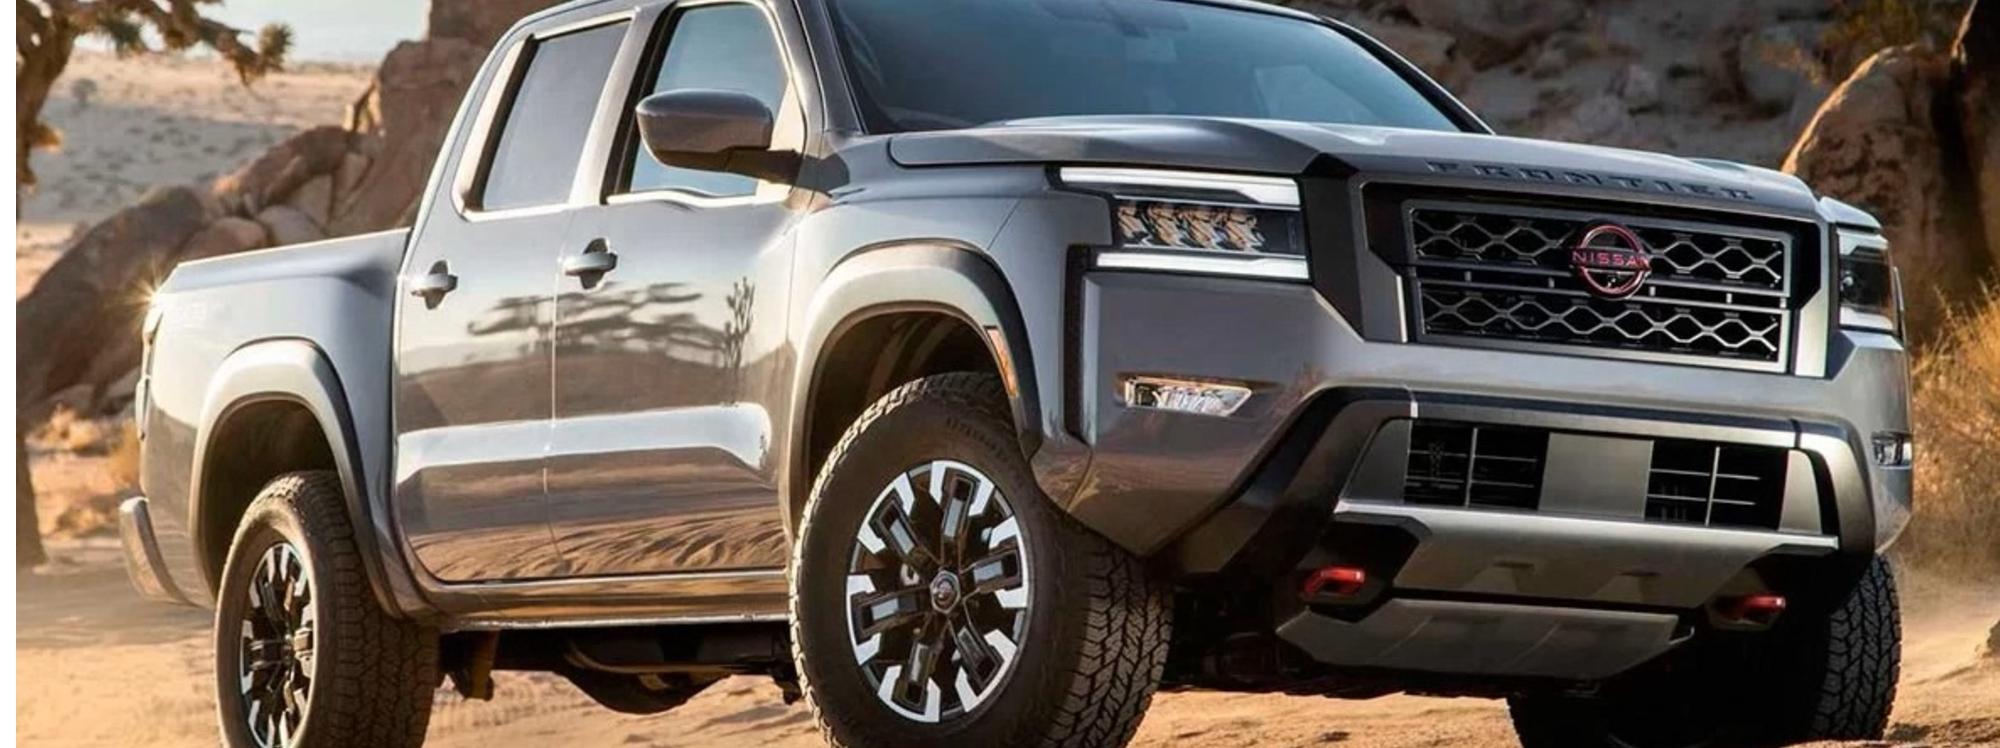 Nissan presentó la nueva pick up Frontier 2022